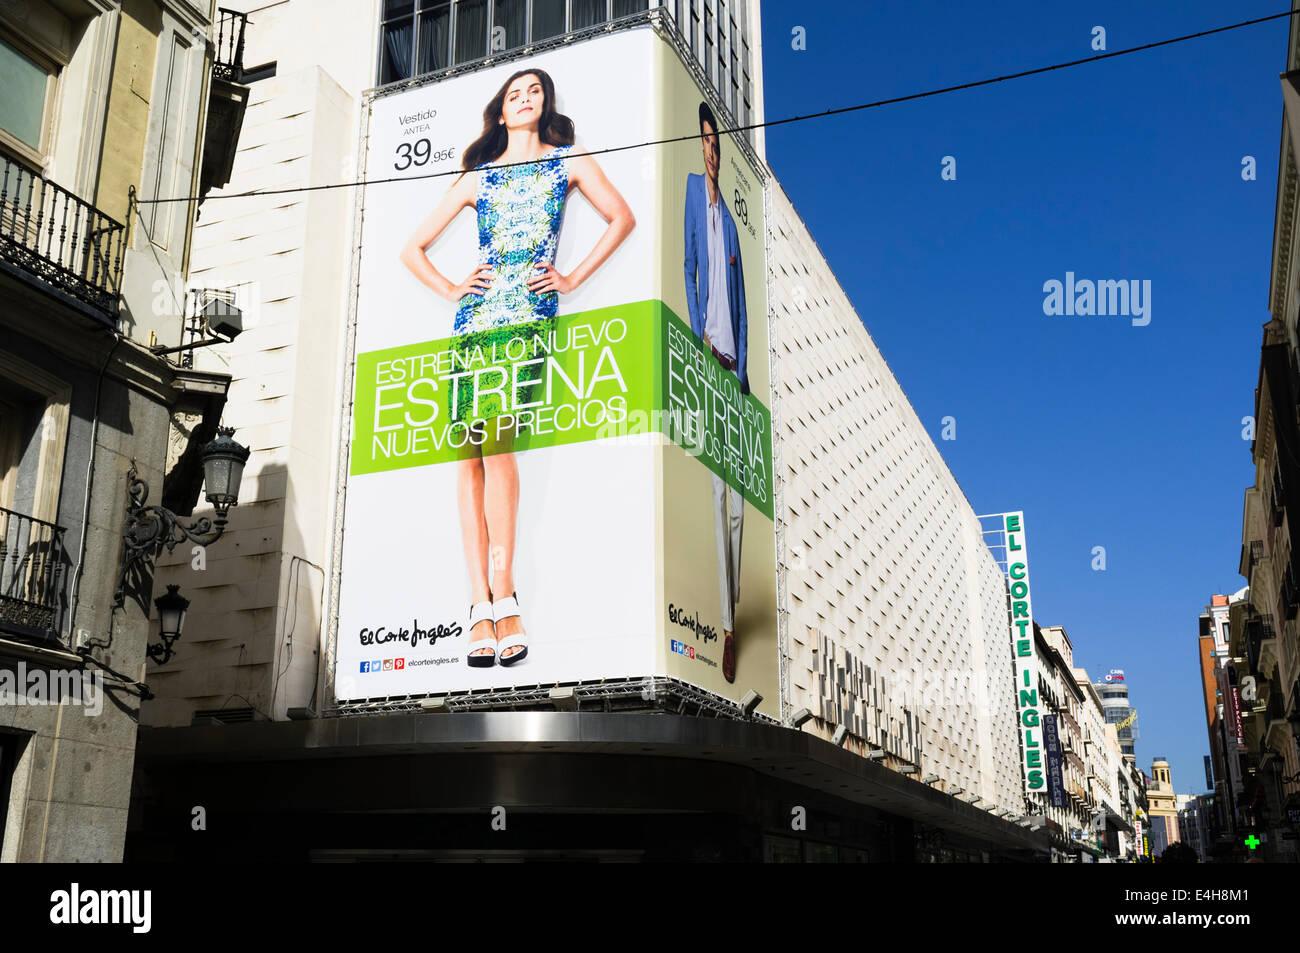 El Corte Ingles Einkaufszentrum in der Calle Preciados, Madrid, Spanien Stockbild